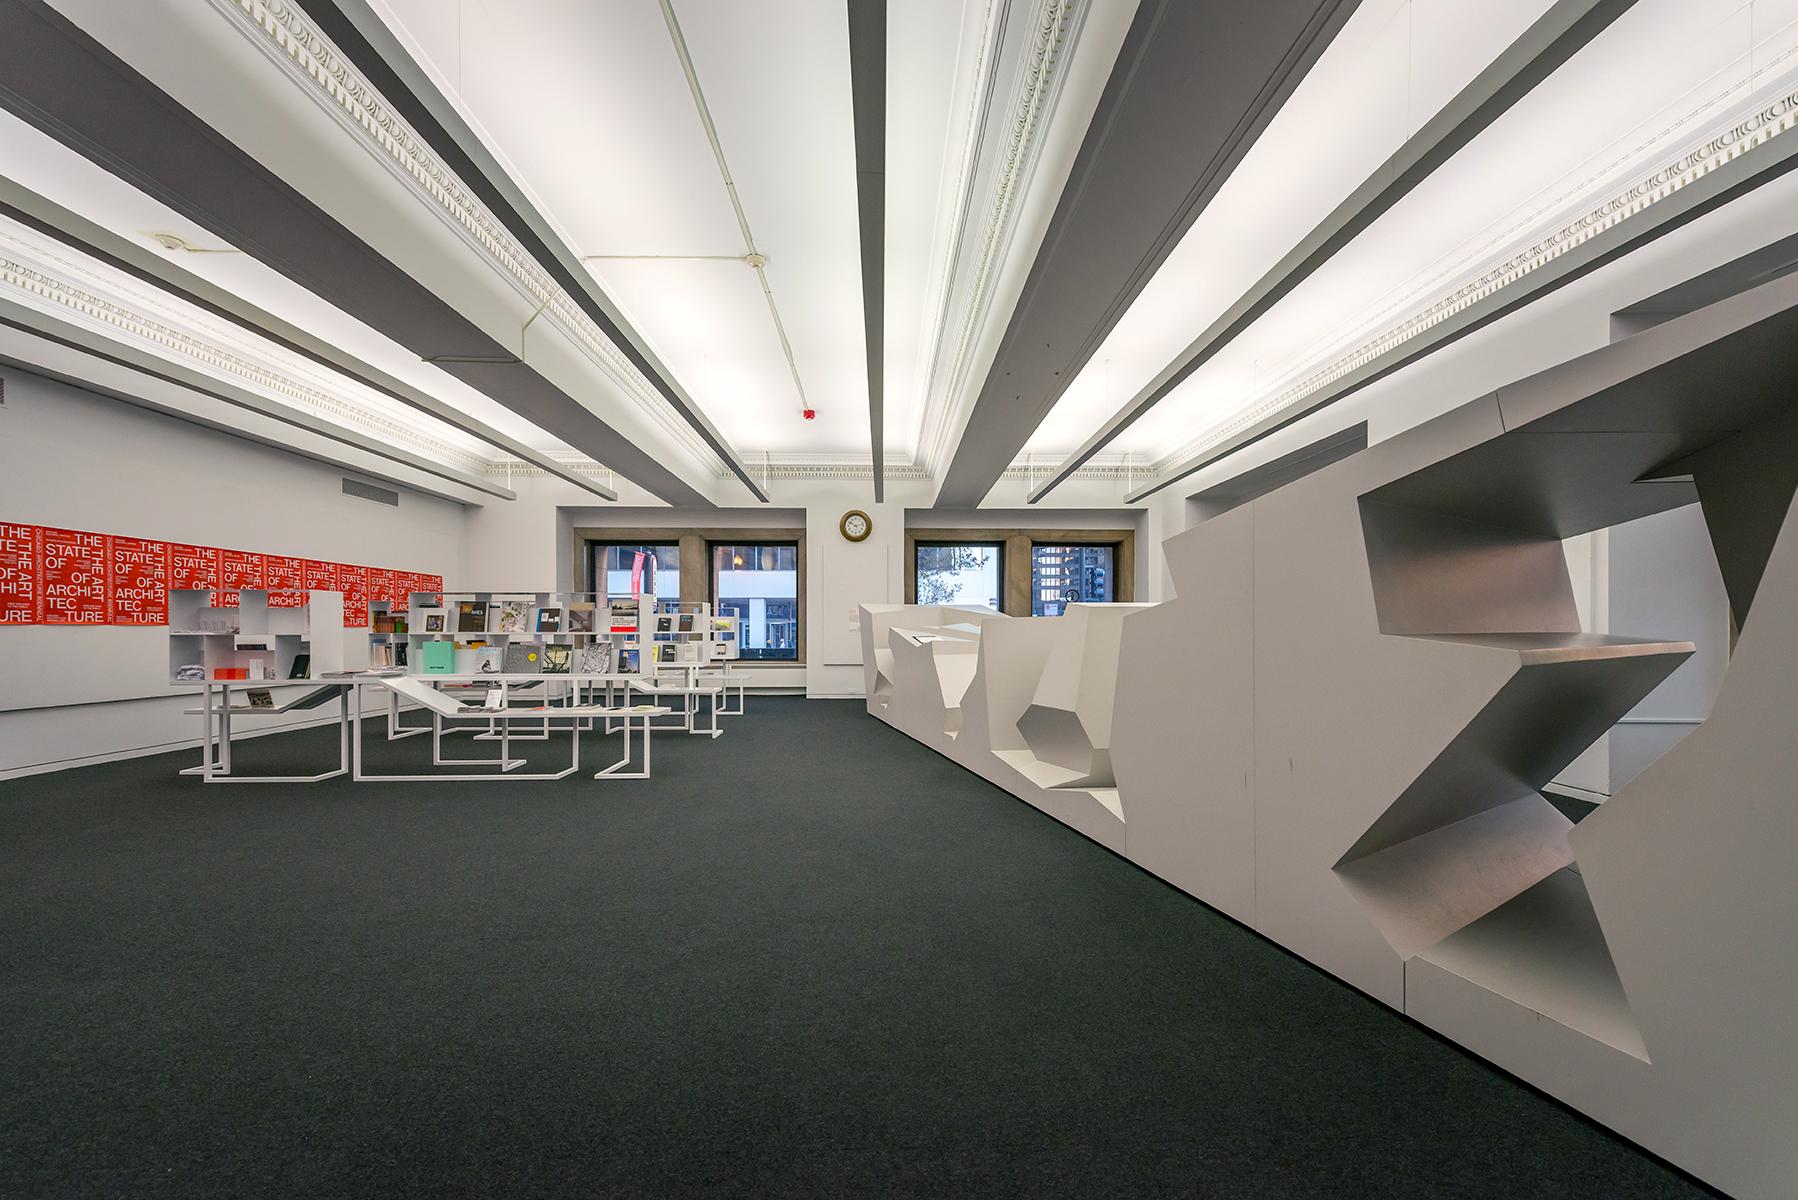 Architecture Biennial, Chicago